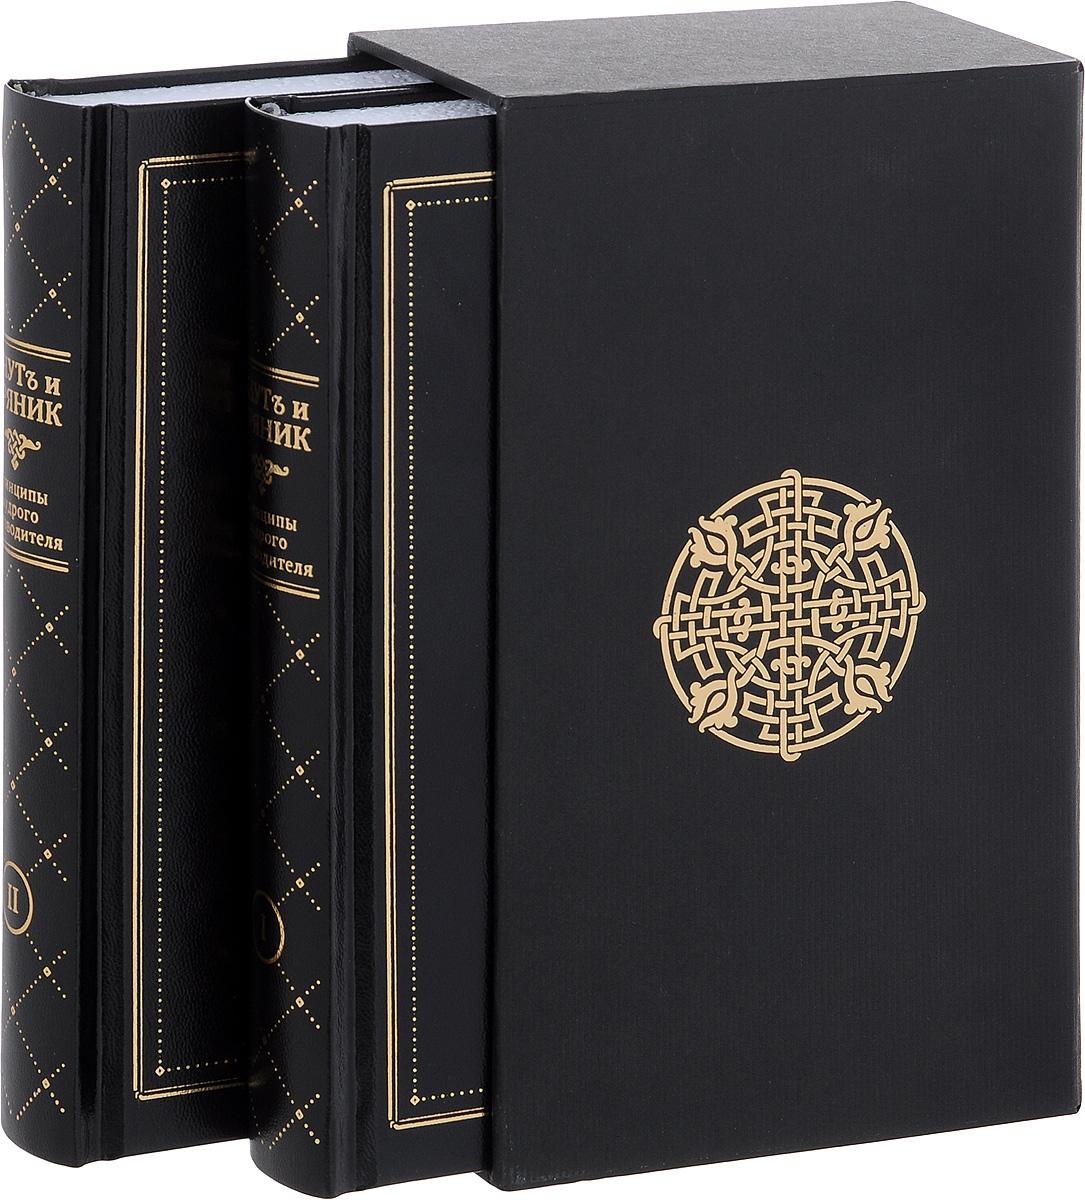 Кнут и пряник. Принципы мудрого руководителя (подарочный комплект из 2 книг)